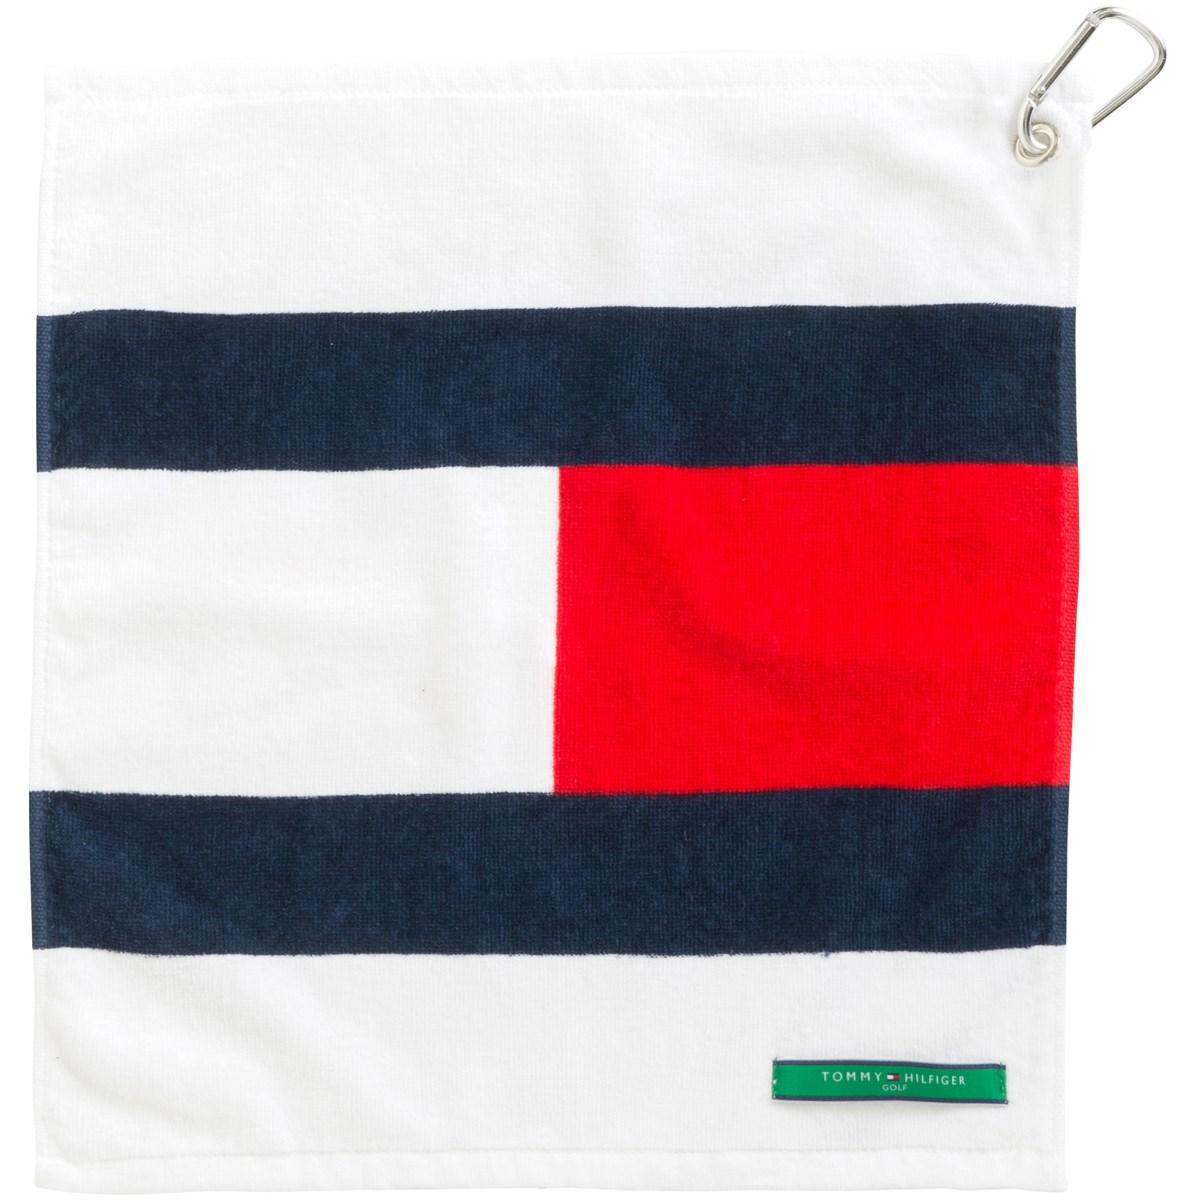 トミー ヒルフィガー ゴルフ TOMMY HILFIGER GOLF FLAG タオル小 トリコロール 90